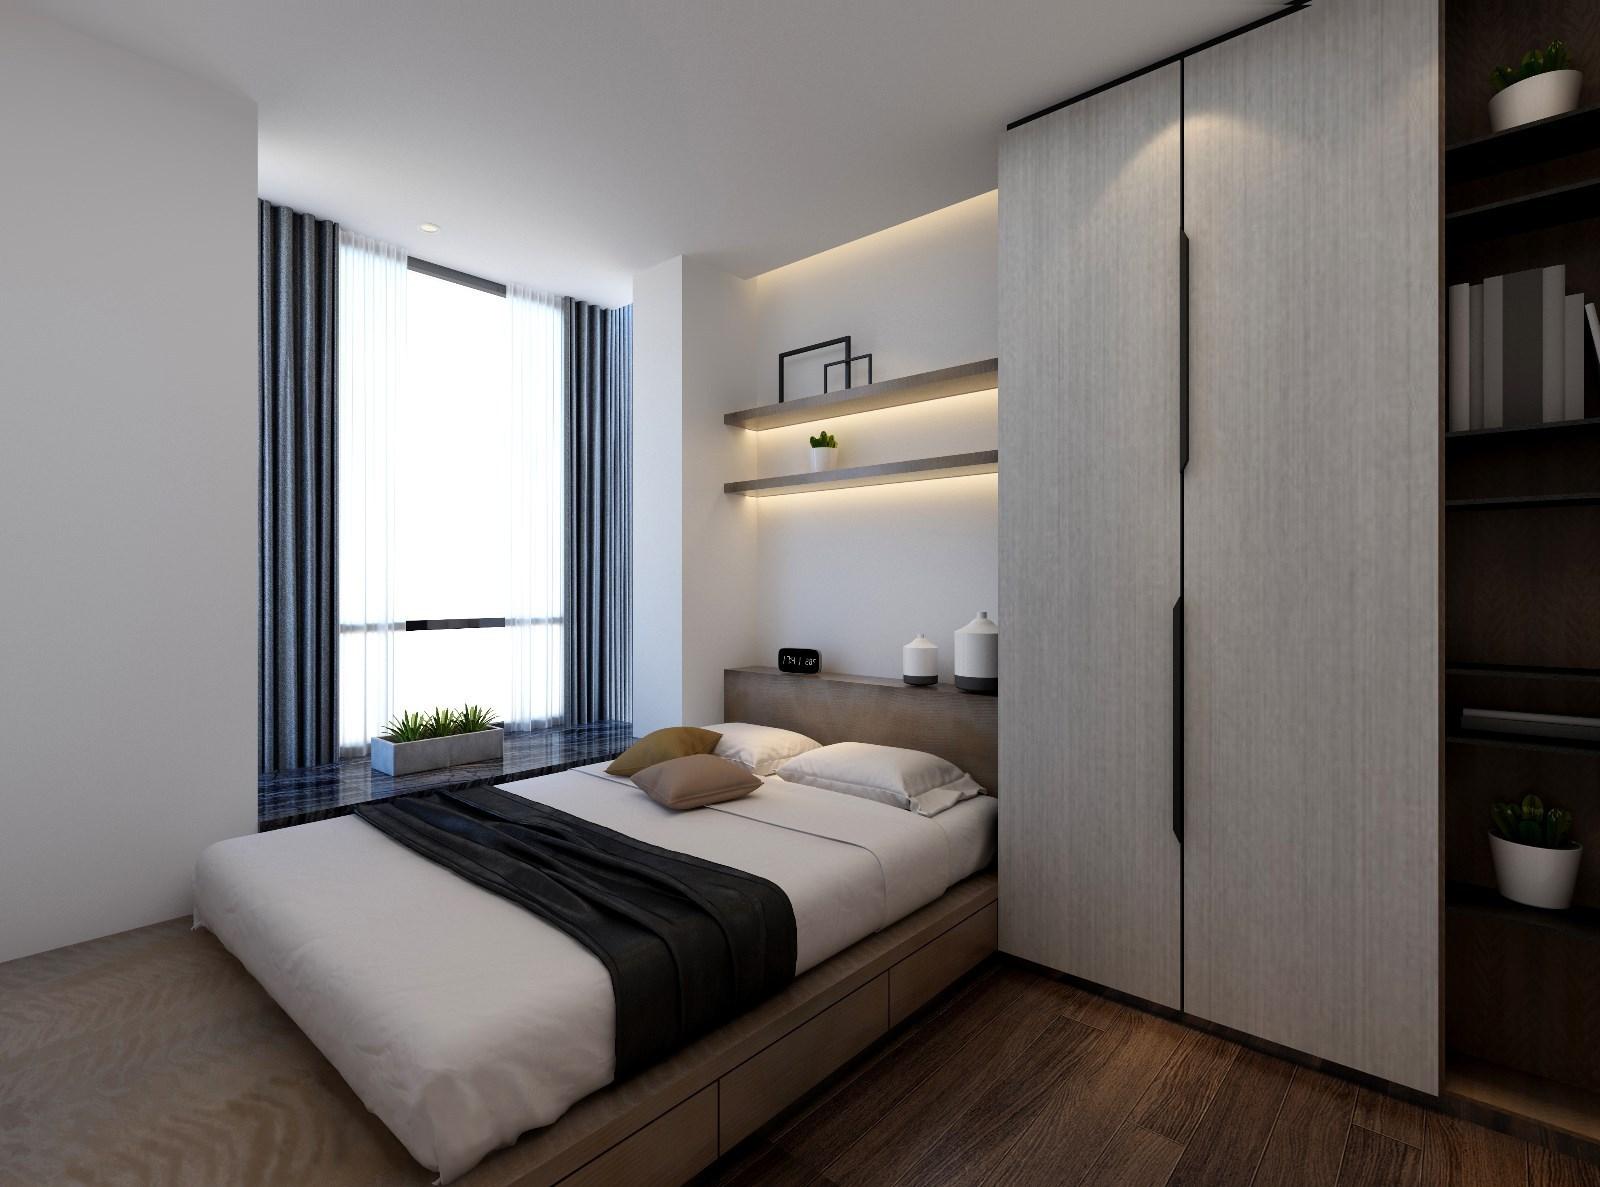 简约新中式卧室装修效果图